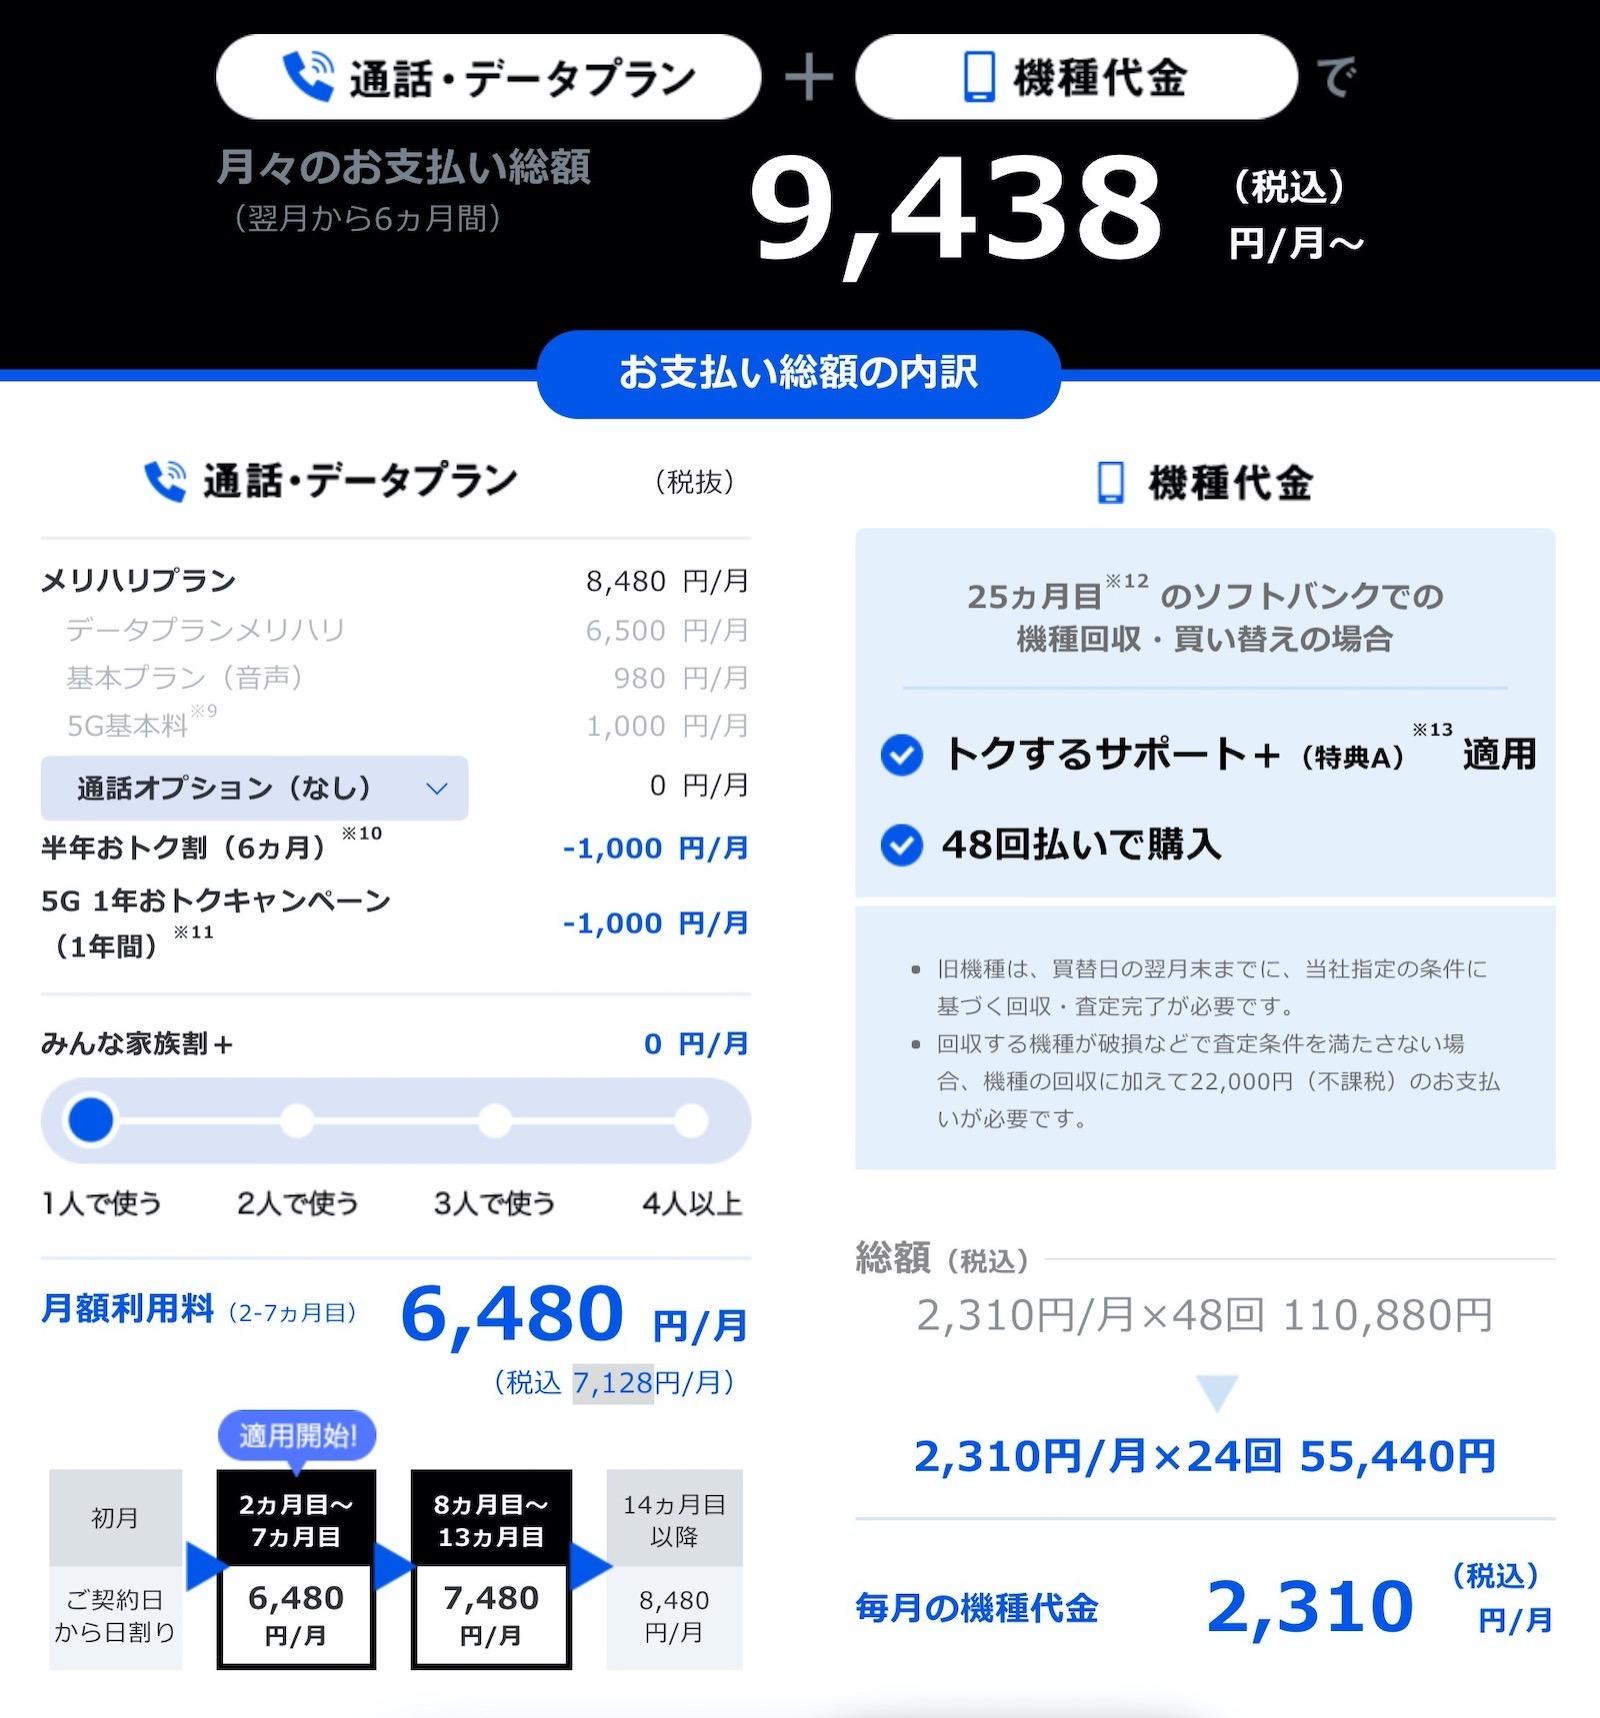 Web wari softbank